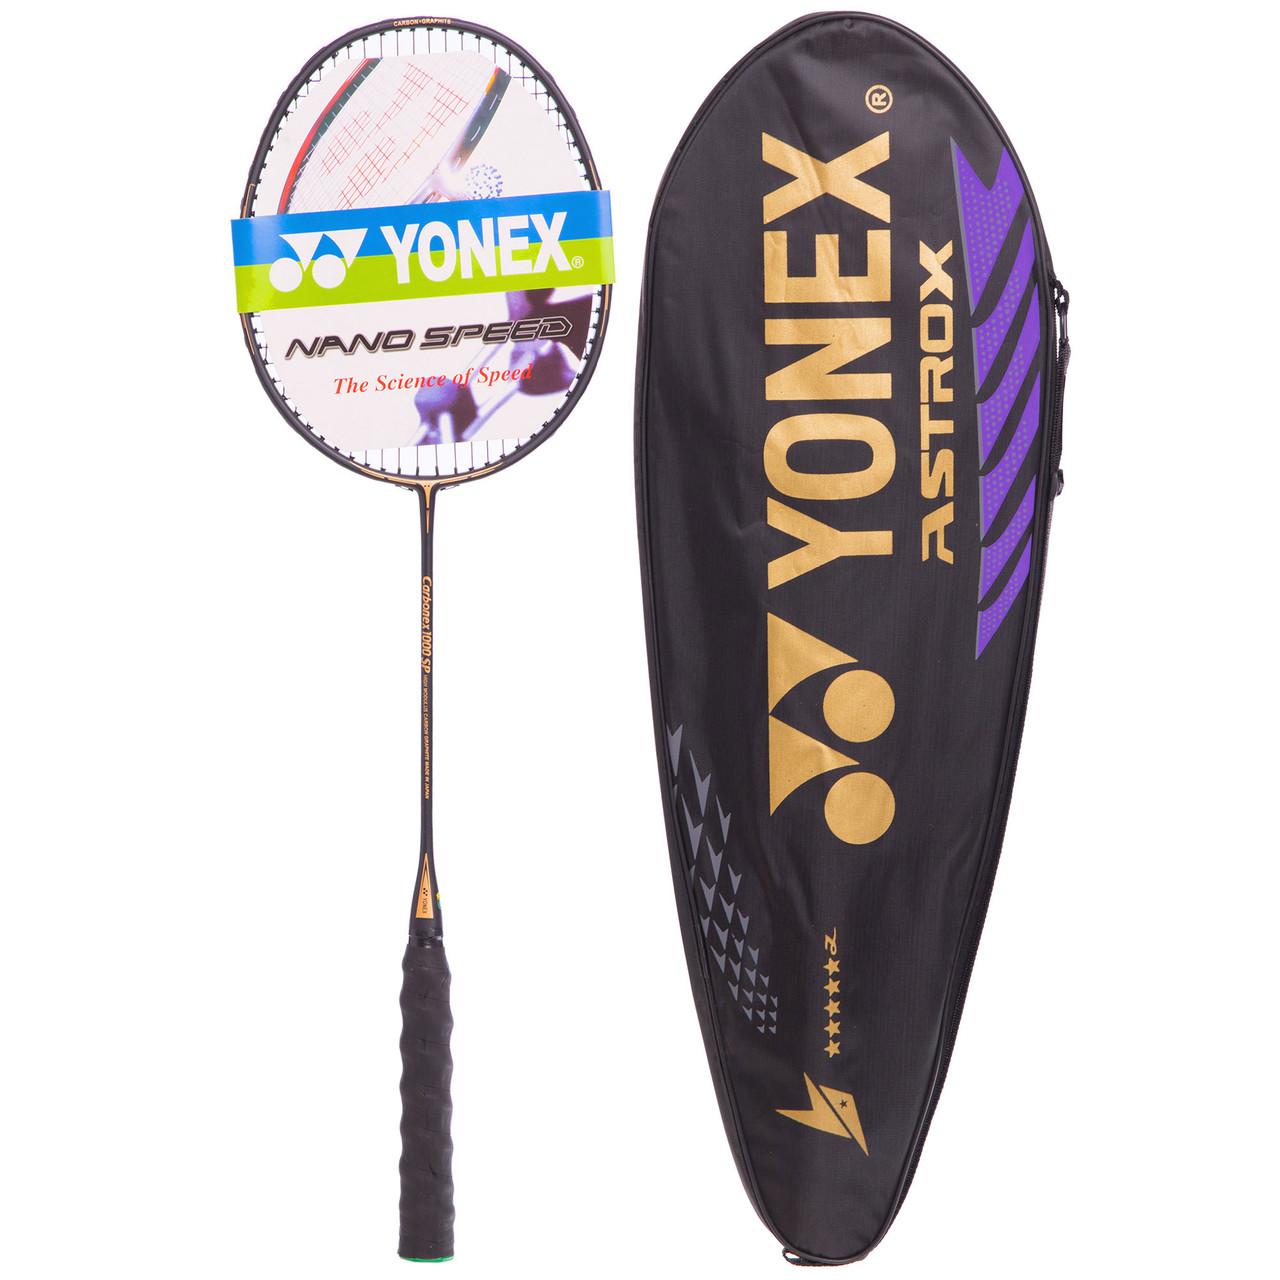 Ракетка для бадминтона профессиональная 1 штука в чехле YONEX DUORA 88 (цвета в ассортименте)